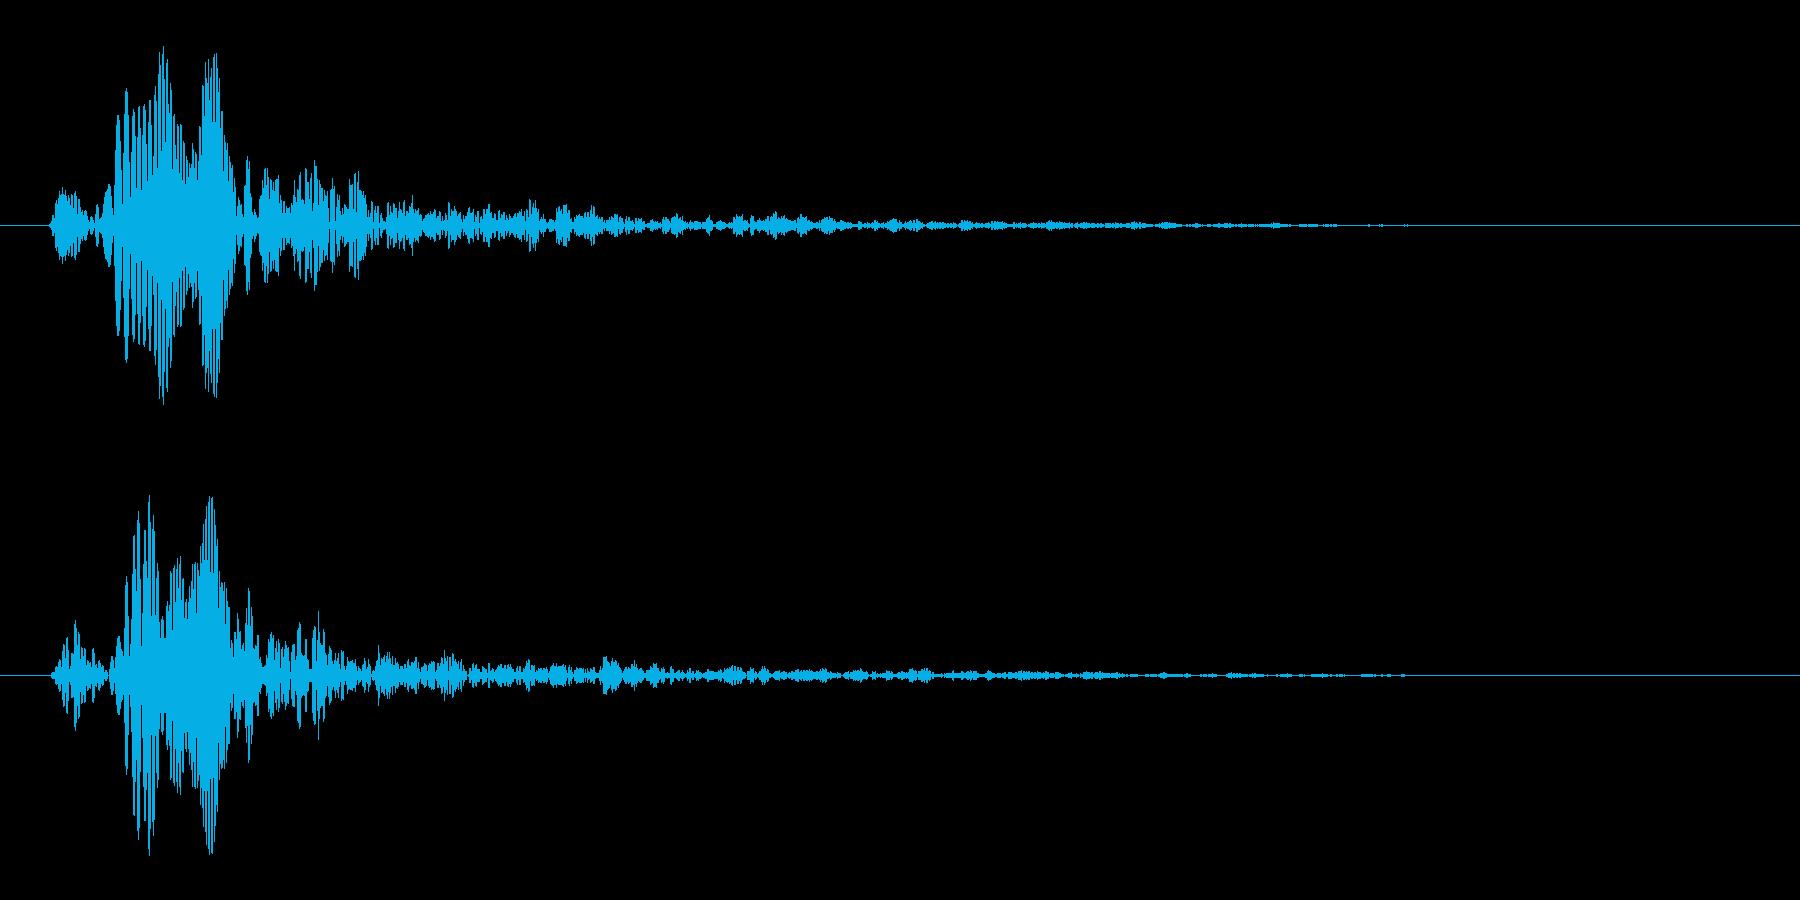 短い滴るような音(ピュッ)の再生済みの波形